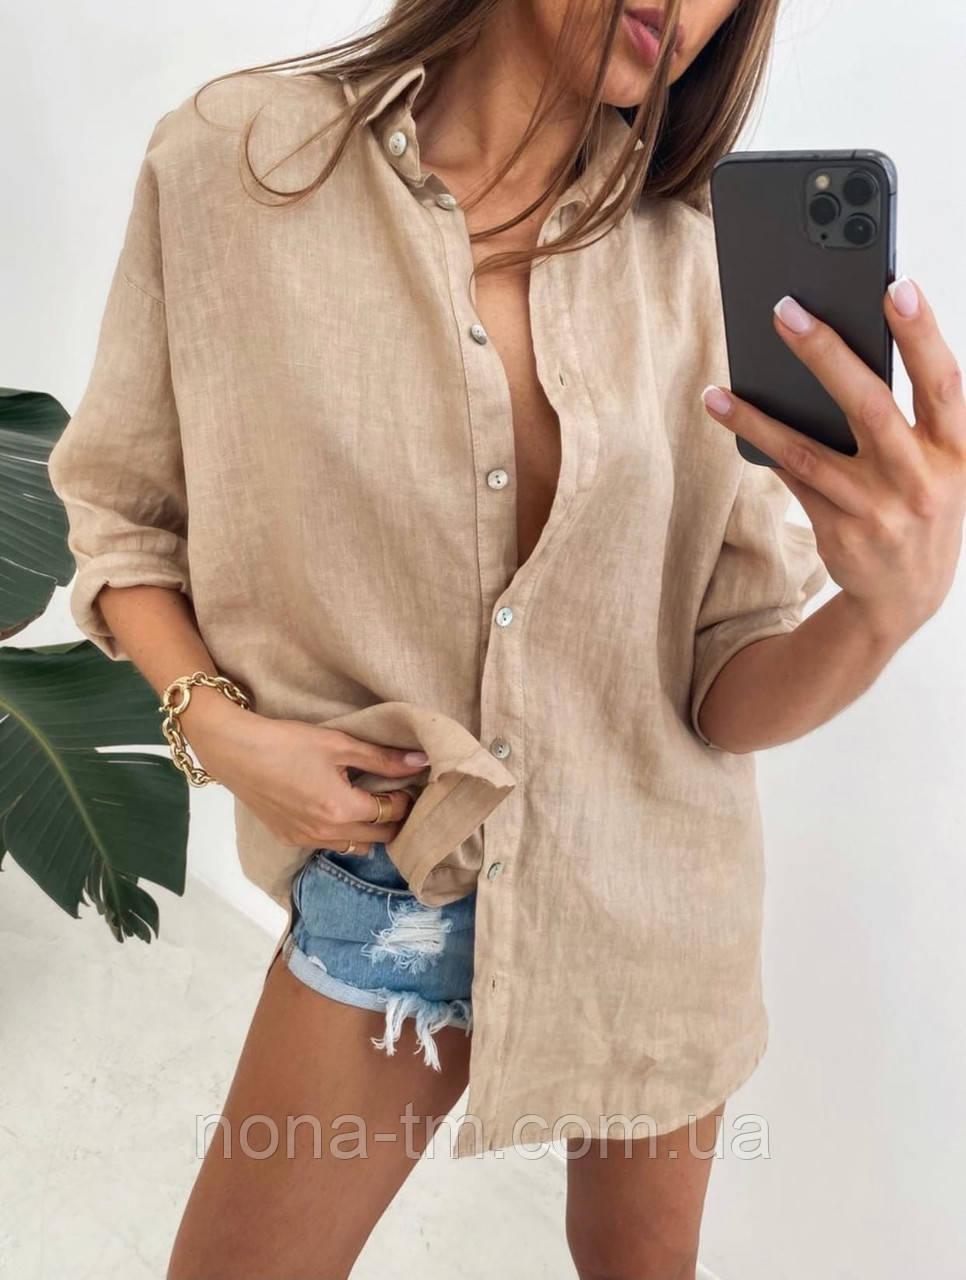 Женская рубашка льняная с длинным рукавом